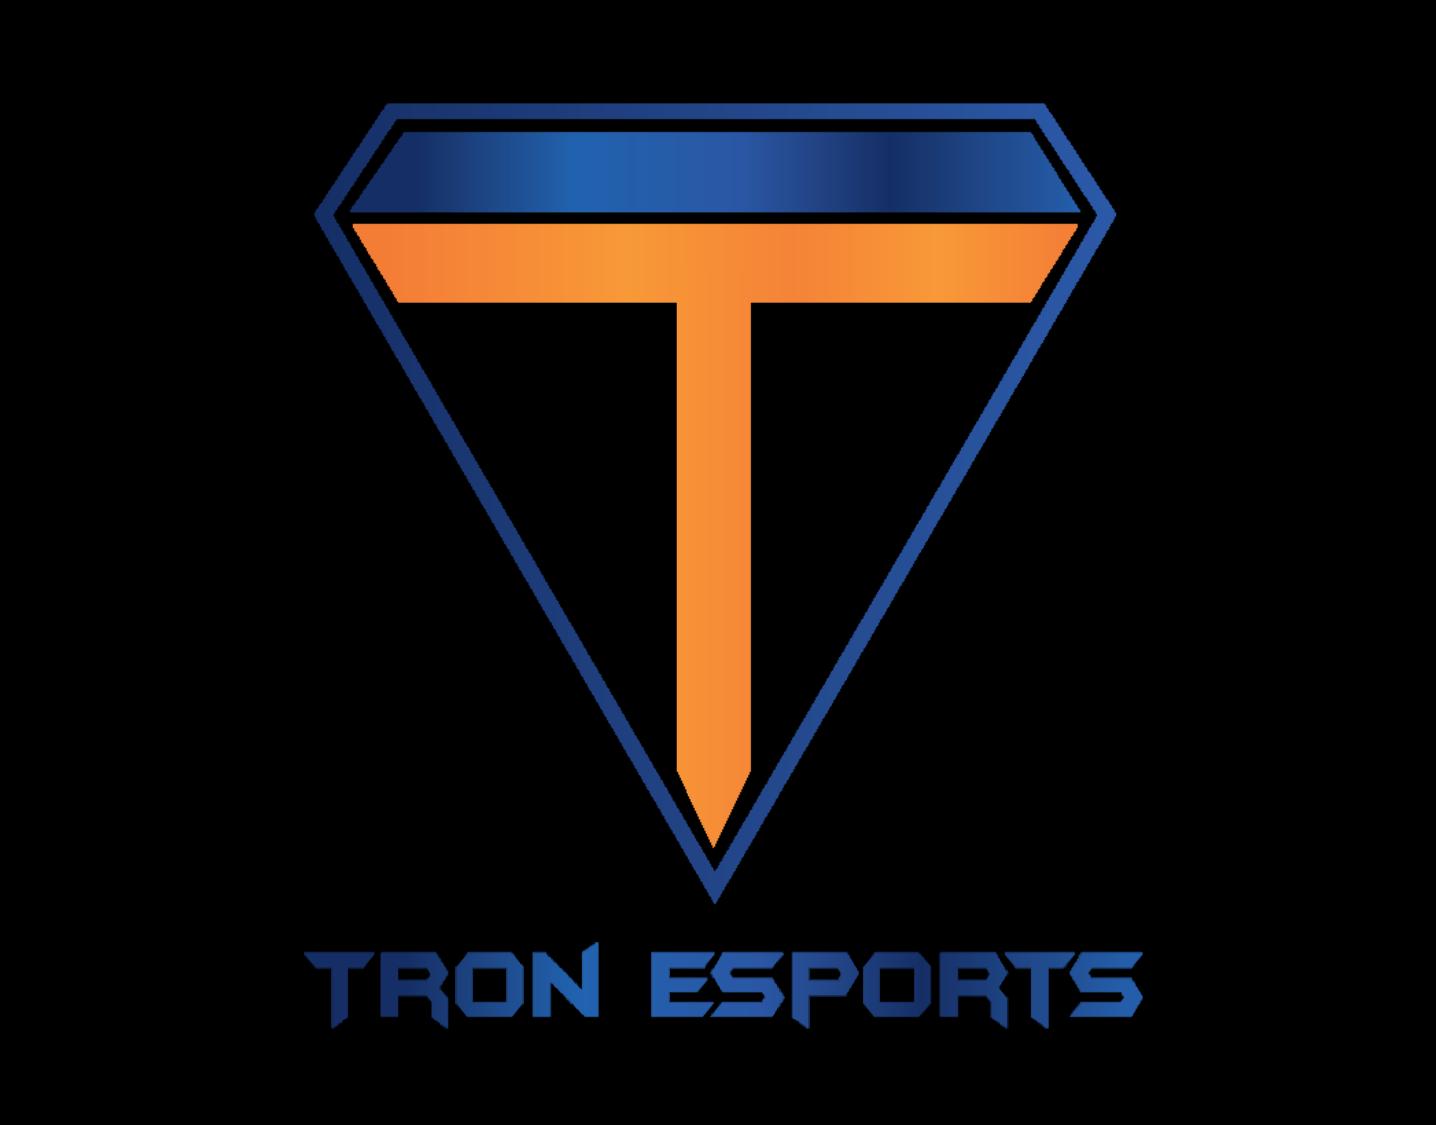 Tron Esports